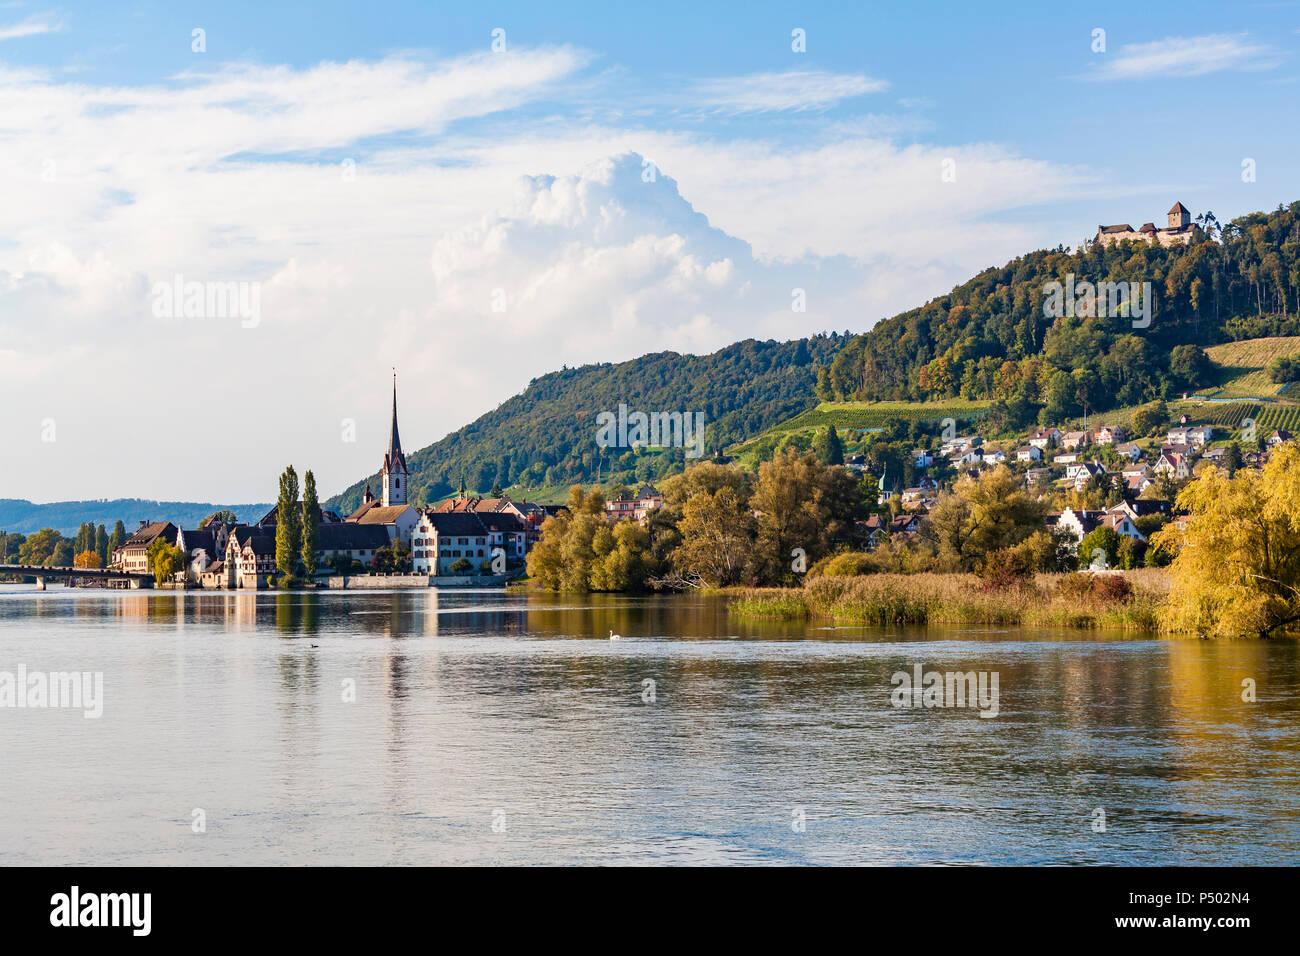 Switzerland, Canton of Schaffhausen, Stein am Rhein, Rhine river, cityscape with Hohenklingen Castle Stock Photo